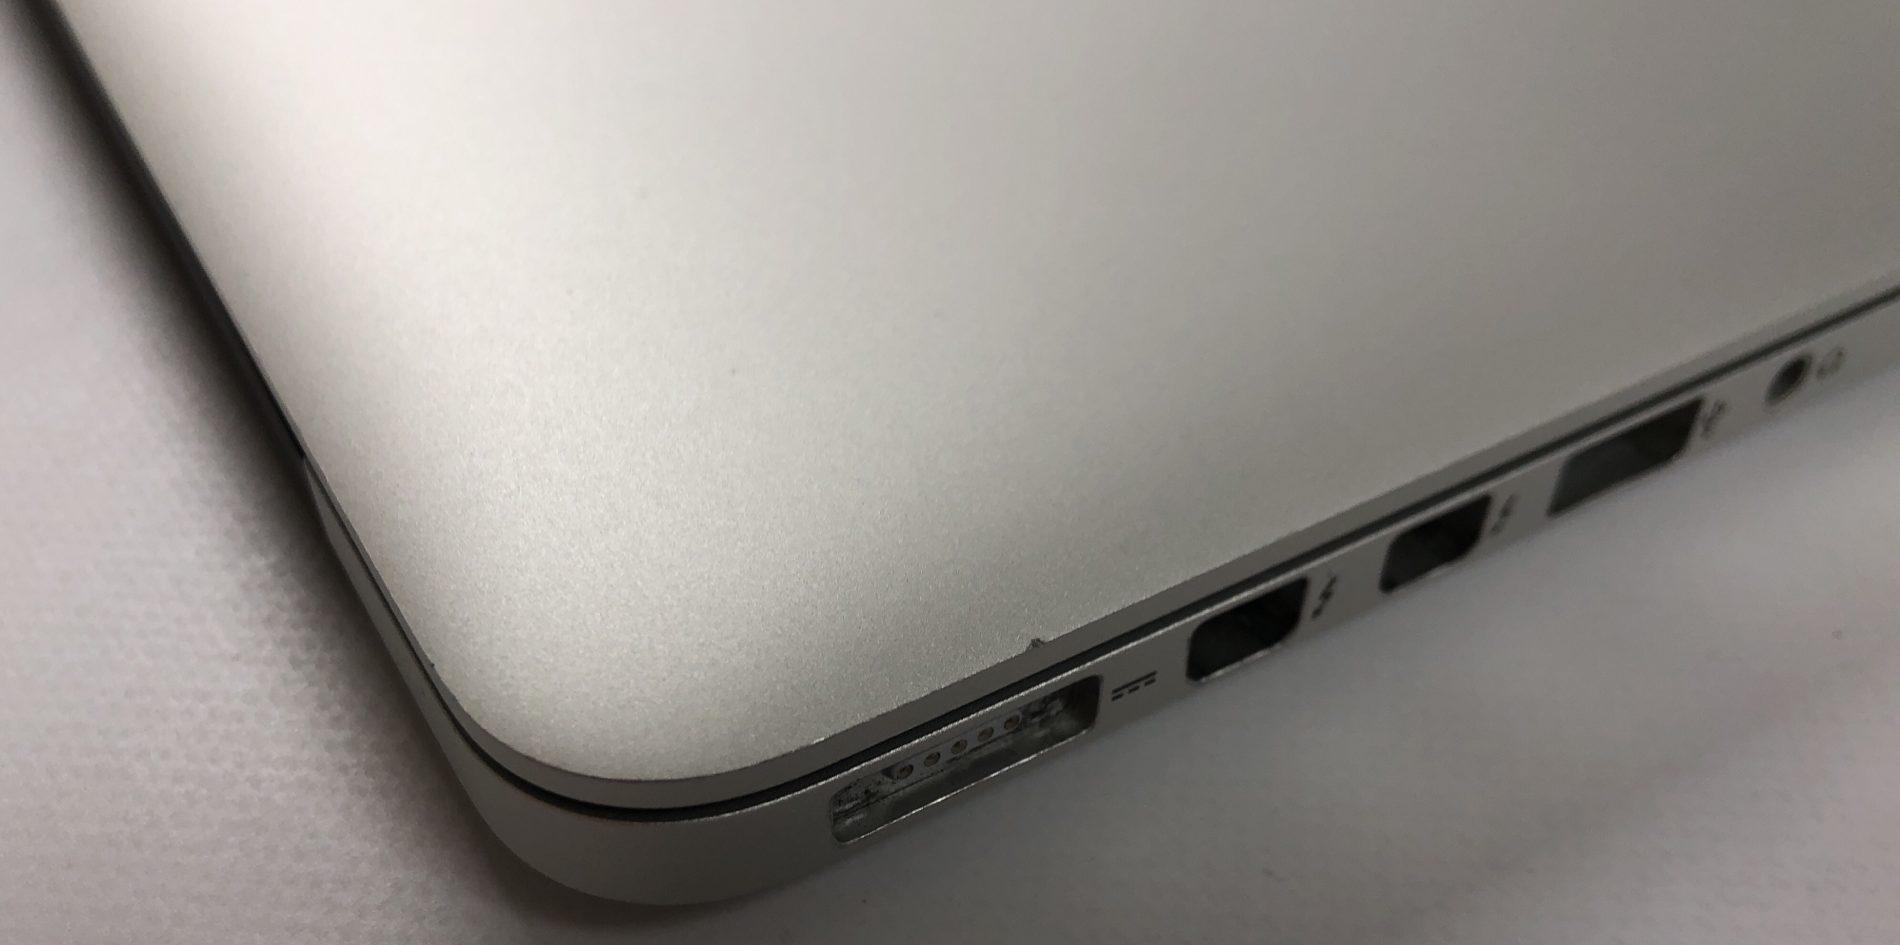 """MacBook Pro Retina 15"""" Mid 2015 (Intel Quad-Core i7 2.5 GHz 16 GB RAM 512 GB SSD), Intel Quad-Core i7 2.8 GHz, 16 GB RAM, 512 GB SSD, imagen 4"""